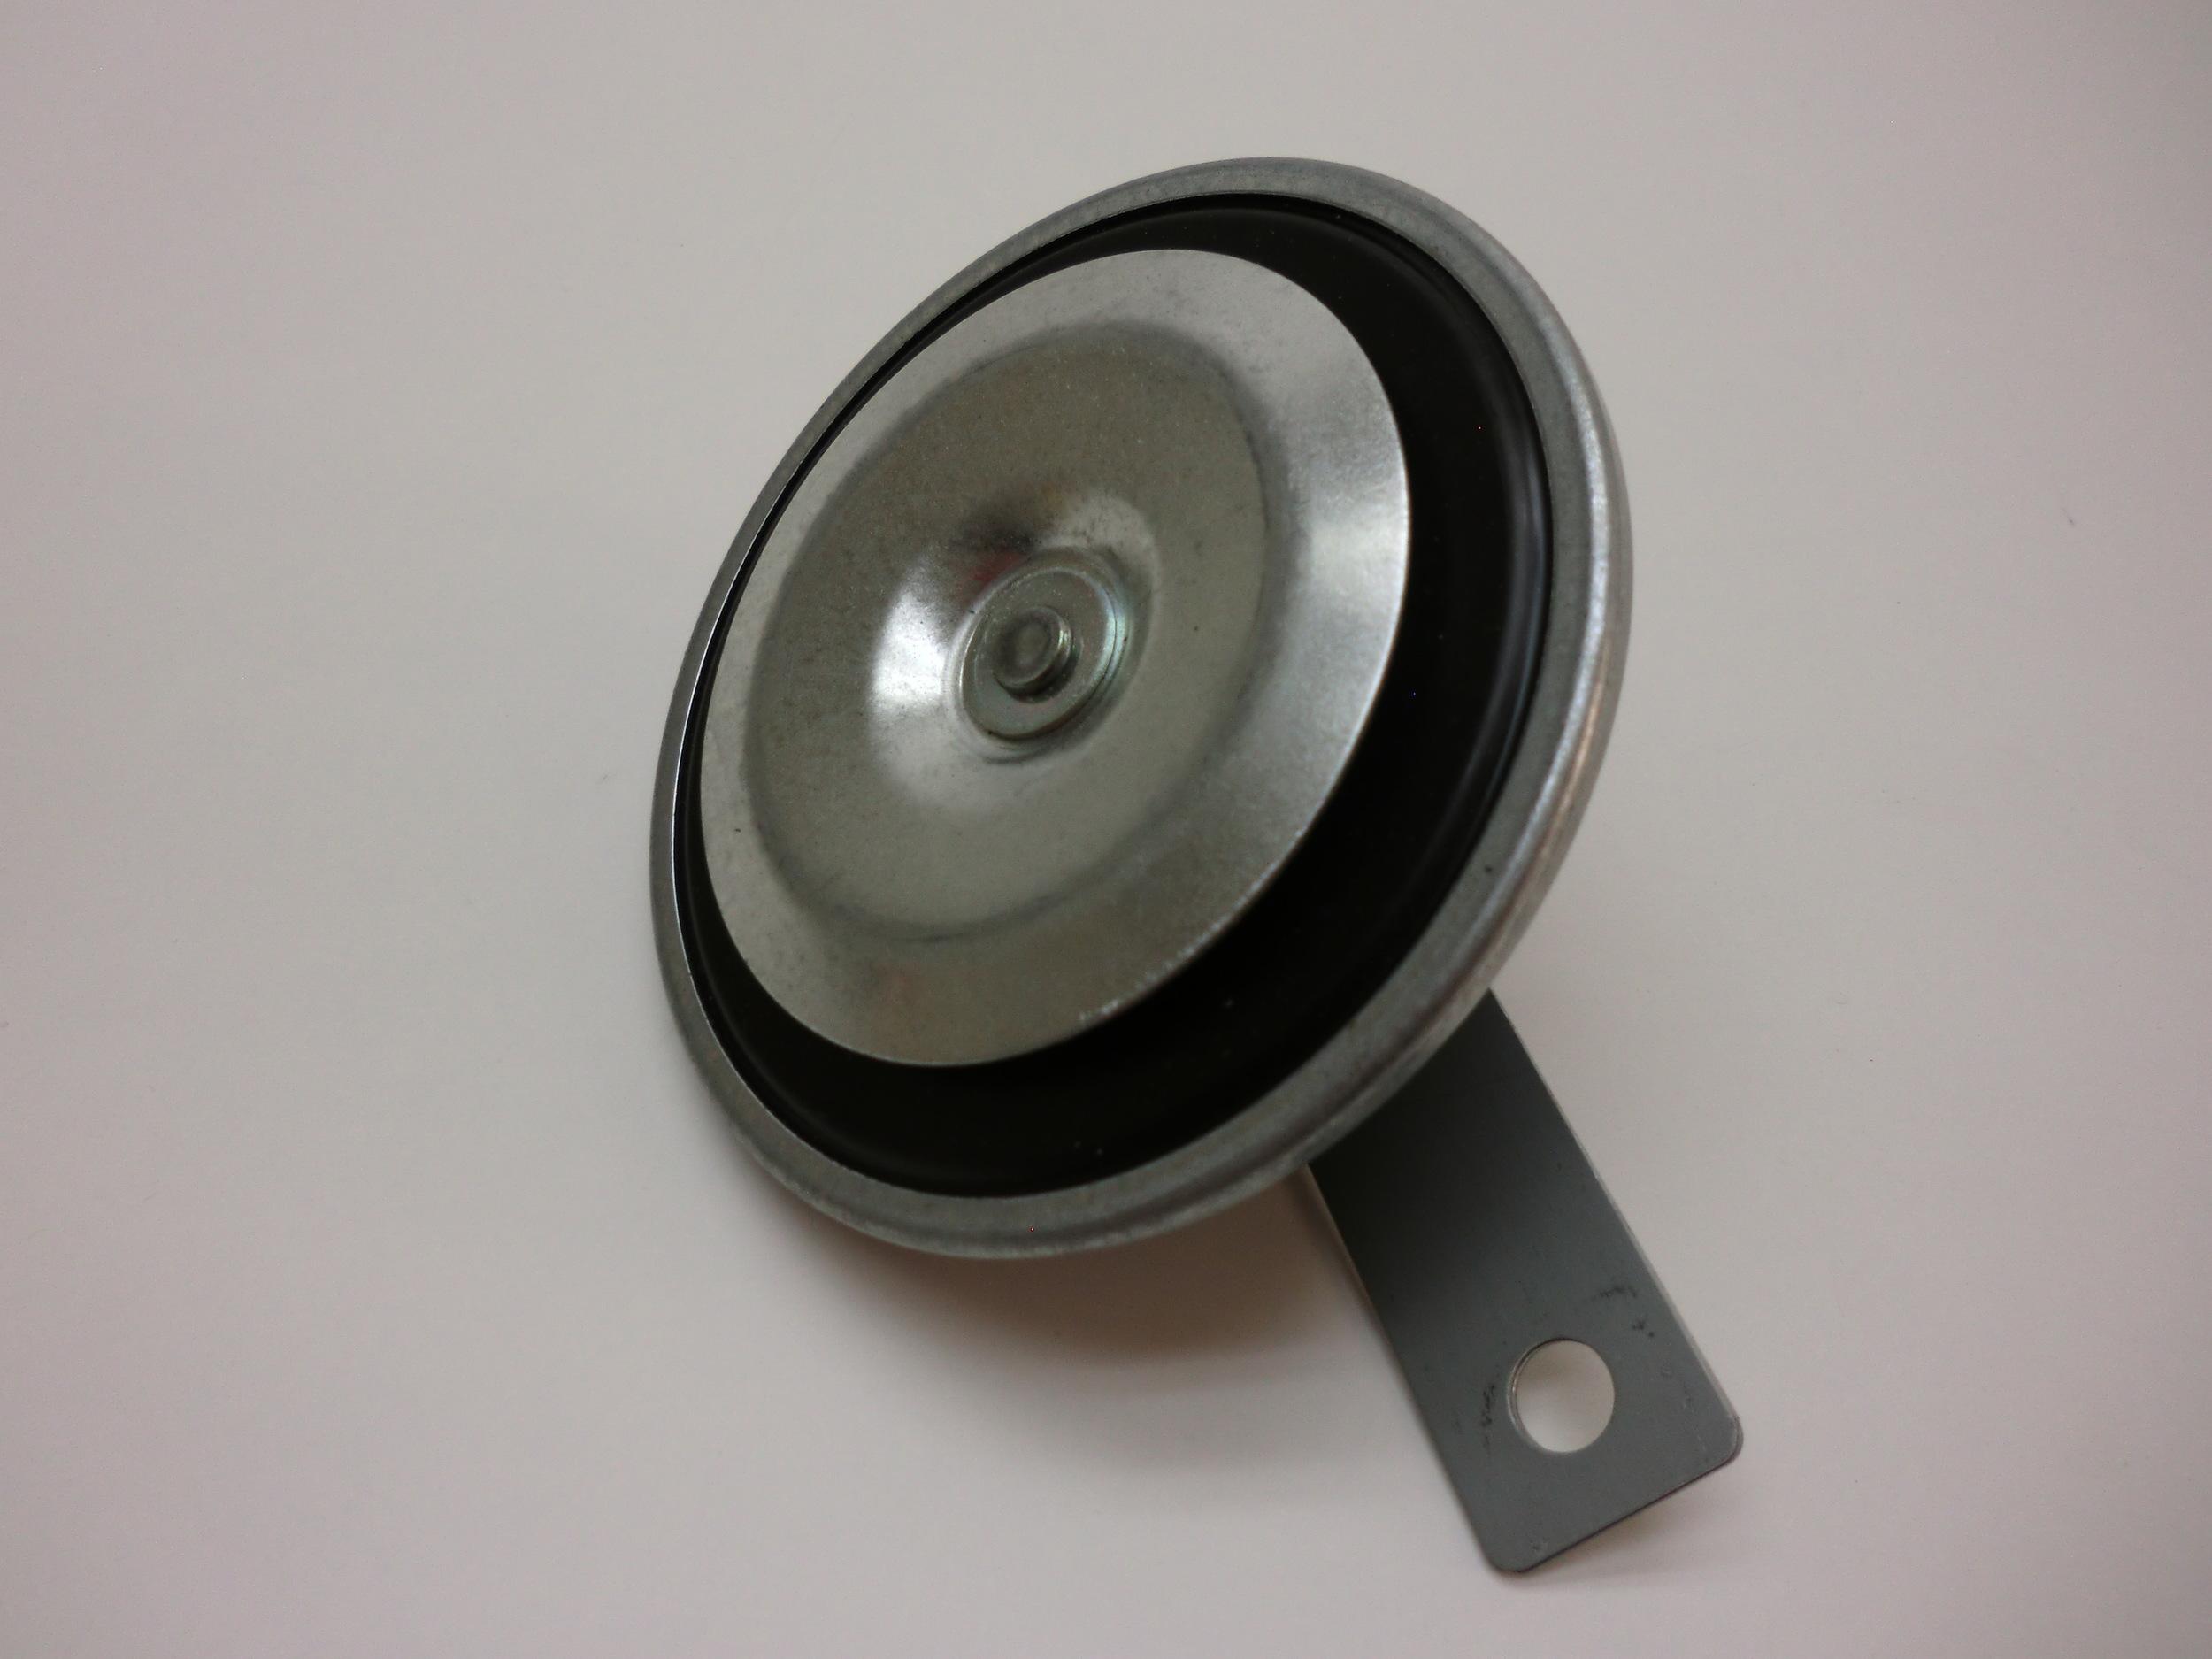 Horn Häggo Nr: 453 7992-801 price: 165 sek